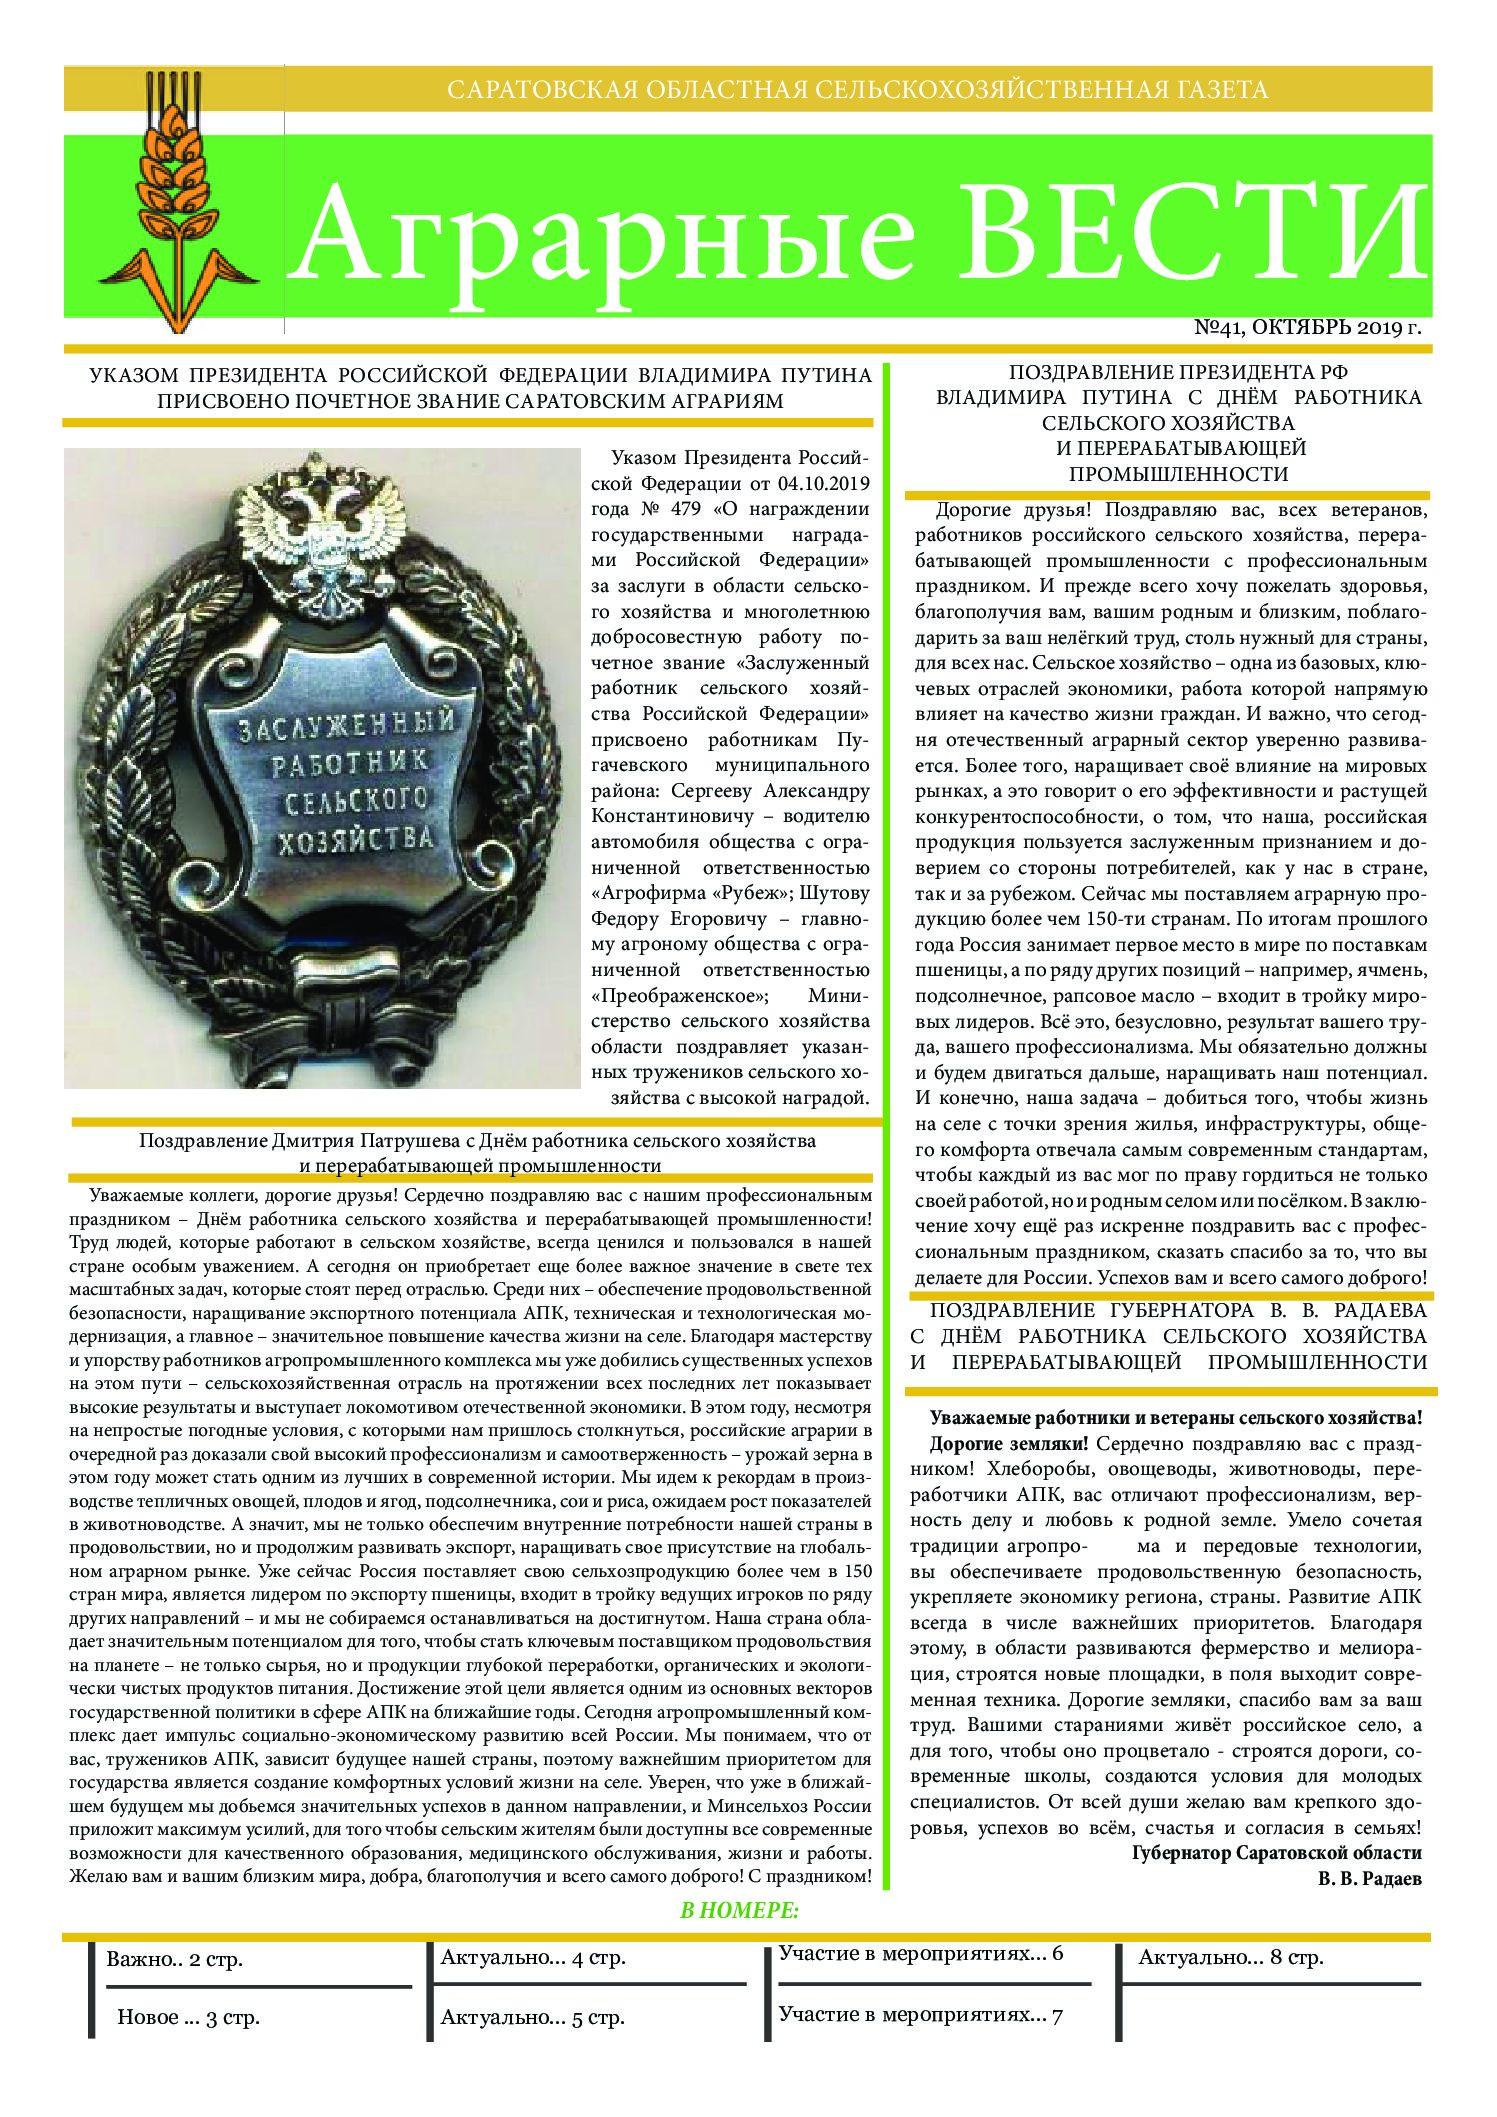 https://saratovagro.ru/wp-content/uploads/2020/08/Октябрь41-pdf.jpg